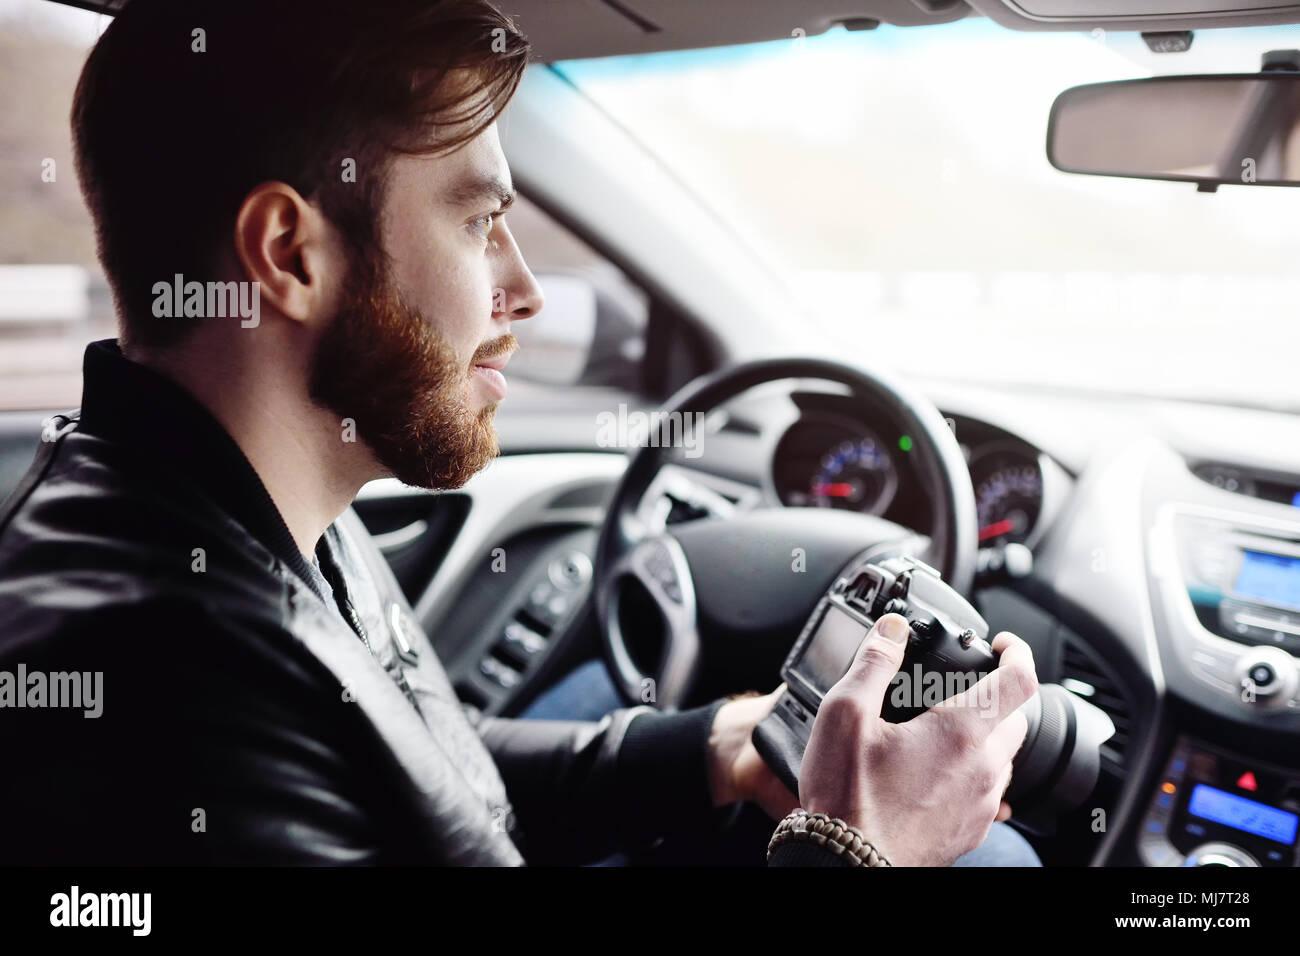 Jeune homme avec une caméra dans la voiture Photo Stock